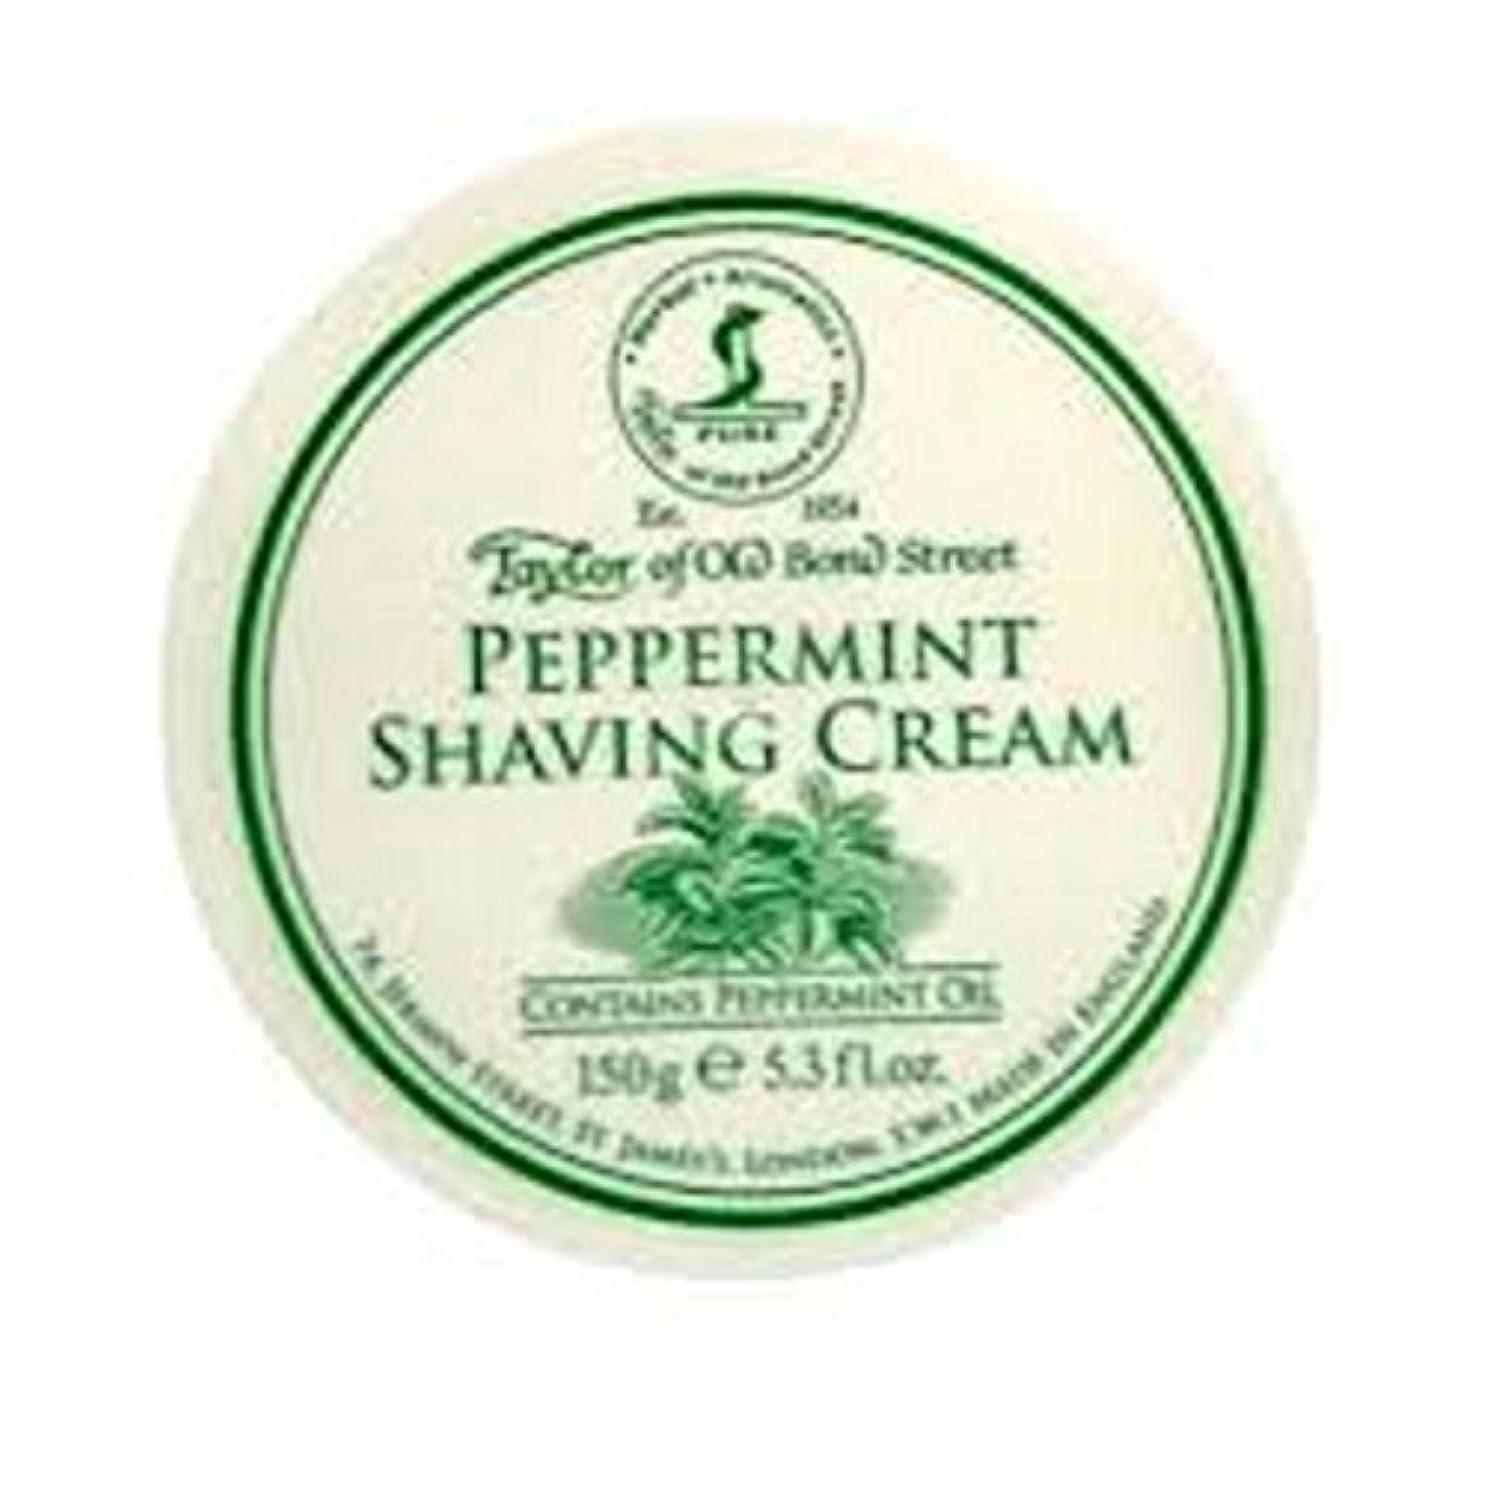 草値する拡張Taylors of Old Bond Street 150g Traditional Shaving Cream Tub (Peppermint) by Taylor of Old Bond Street